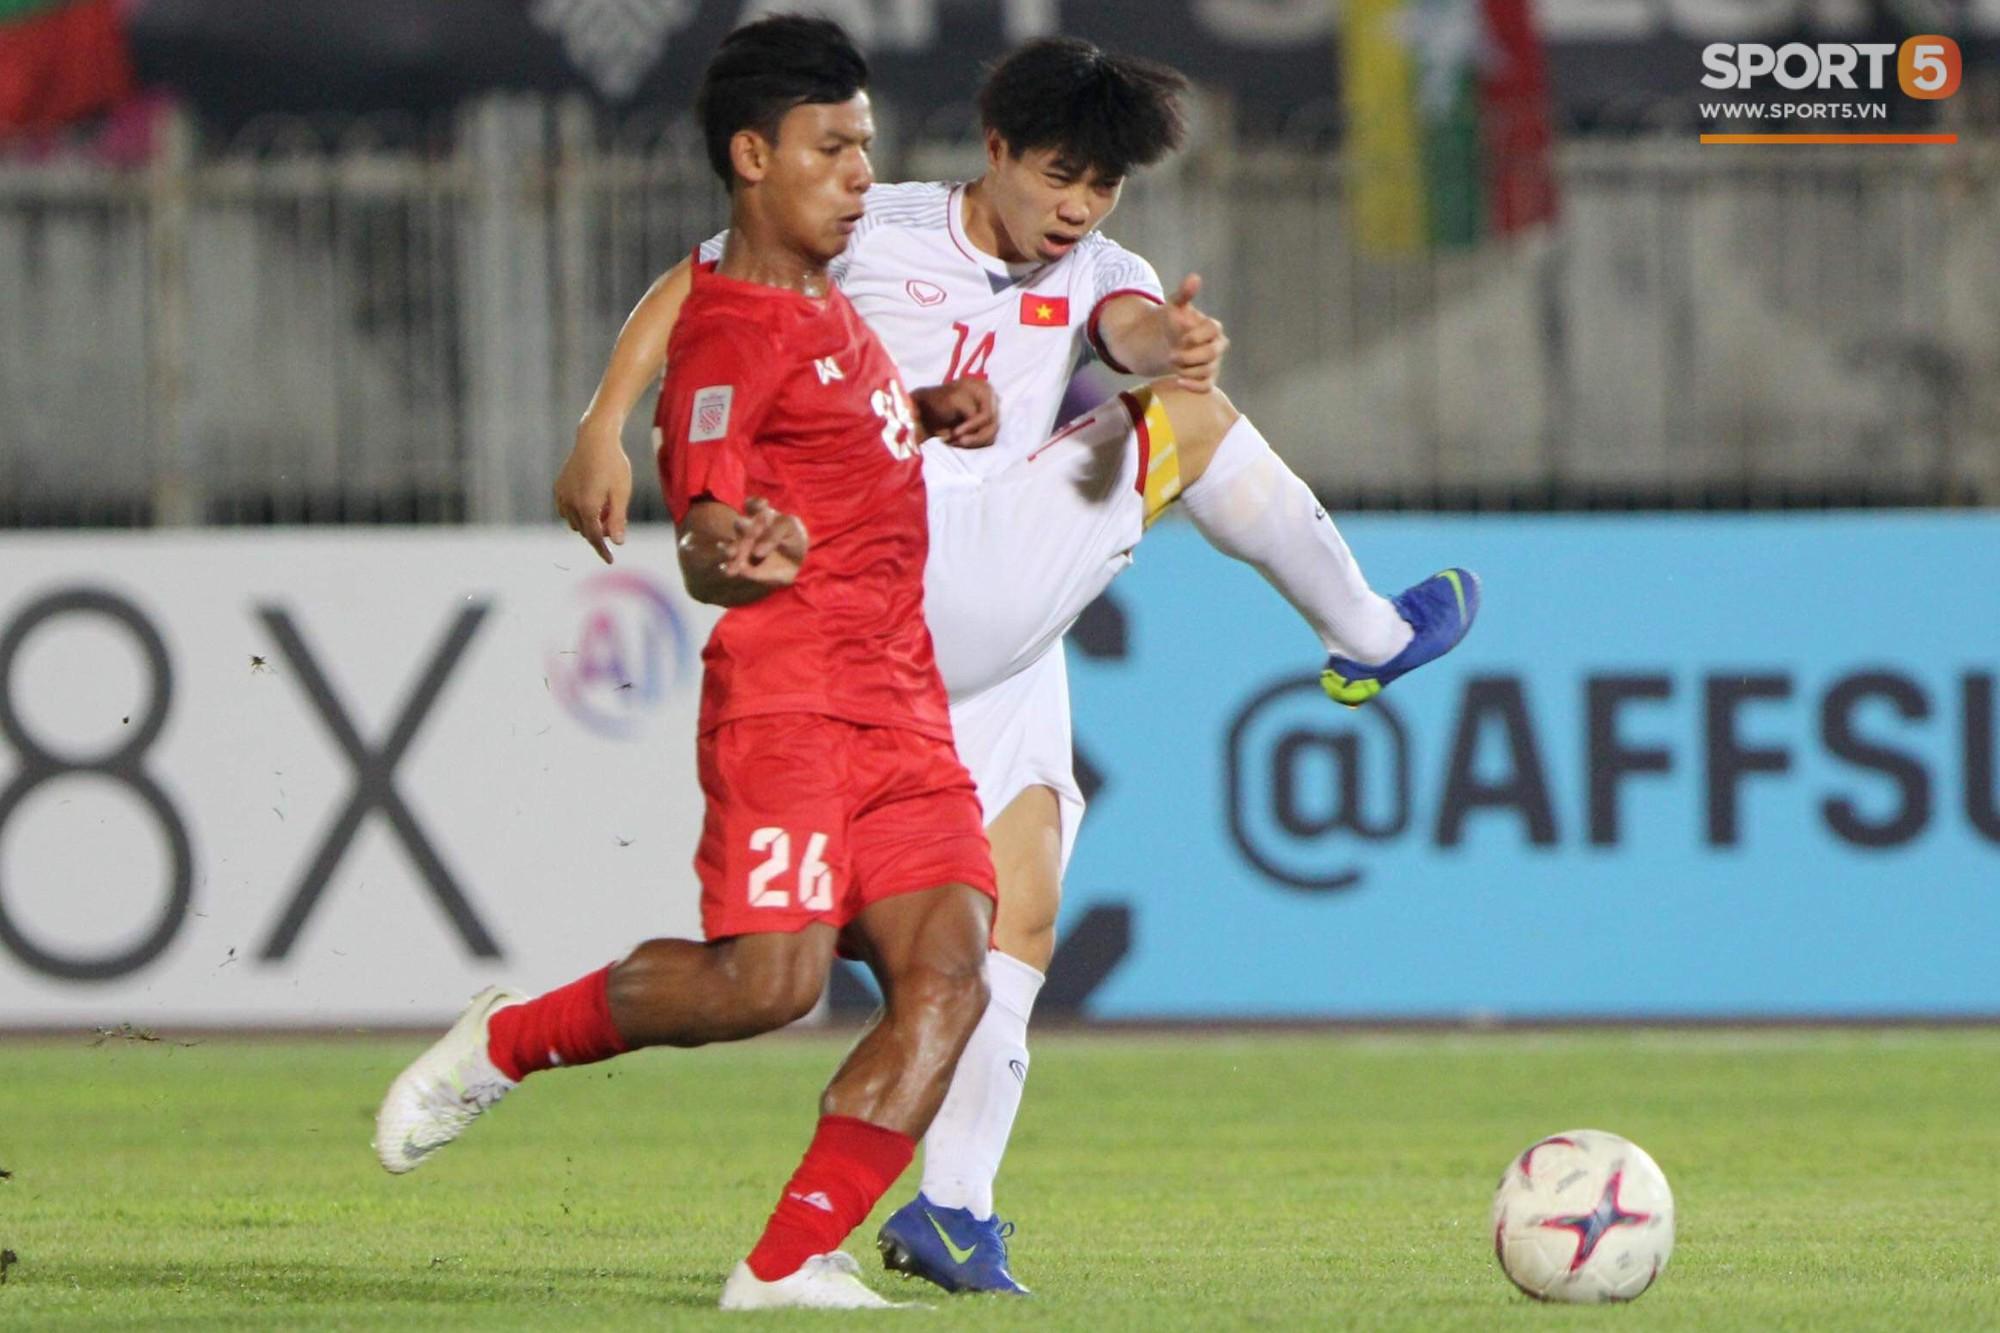 Vì sao cầu thủ tuyển Việt Nam sút trượt liên tiếp trong trận gặp Myanmar?-2